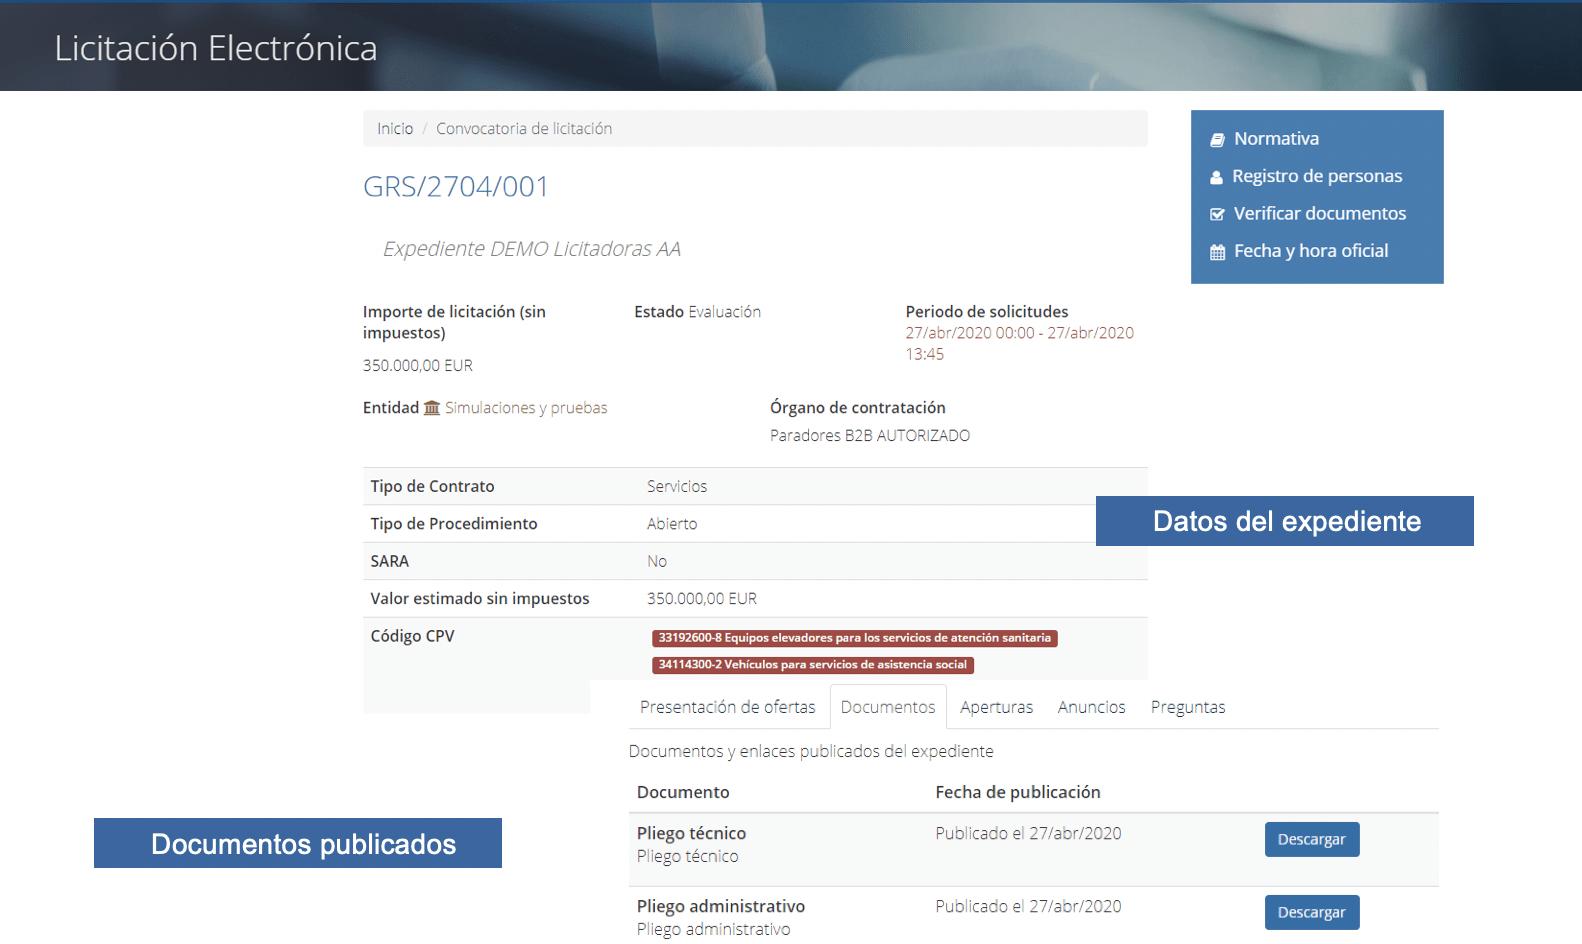 02-perfil del contratante-convocatoria de licitación electrónica